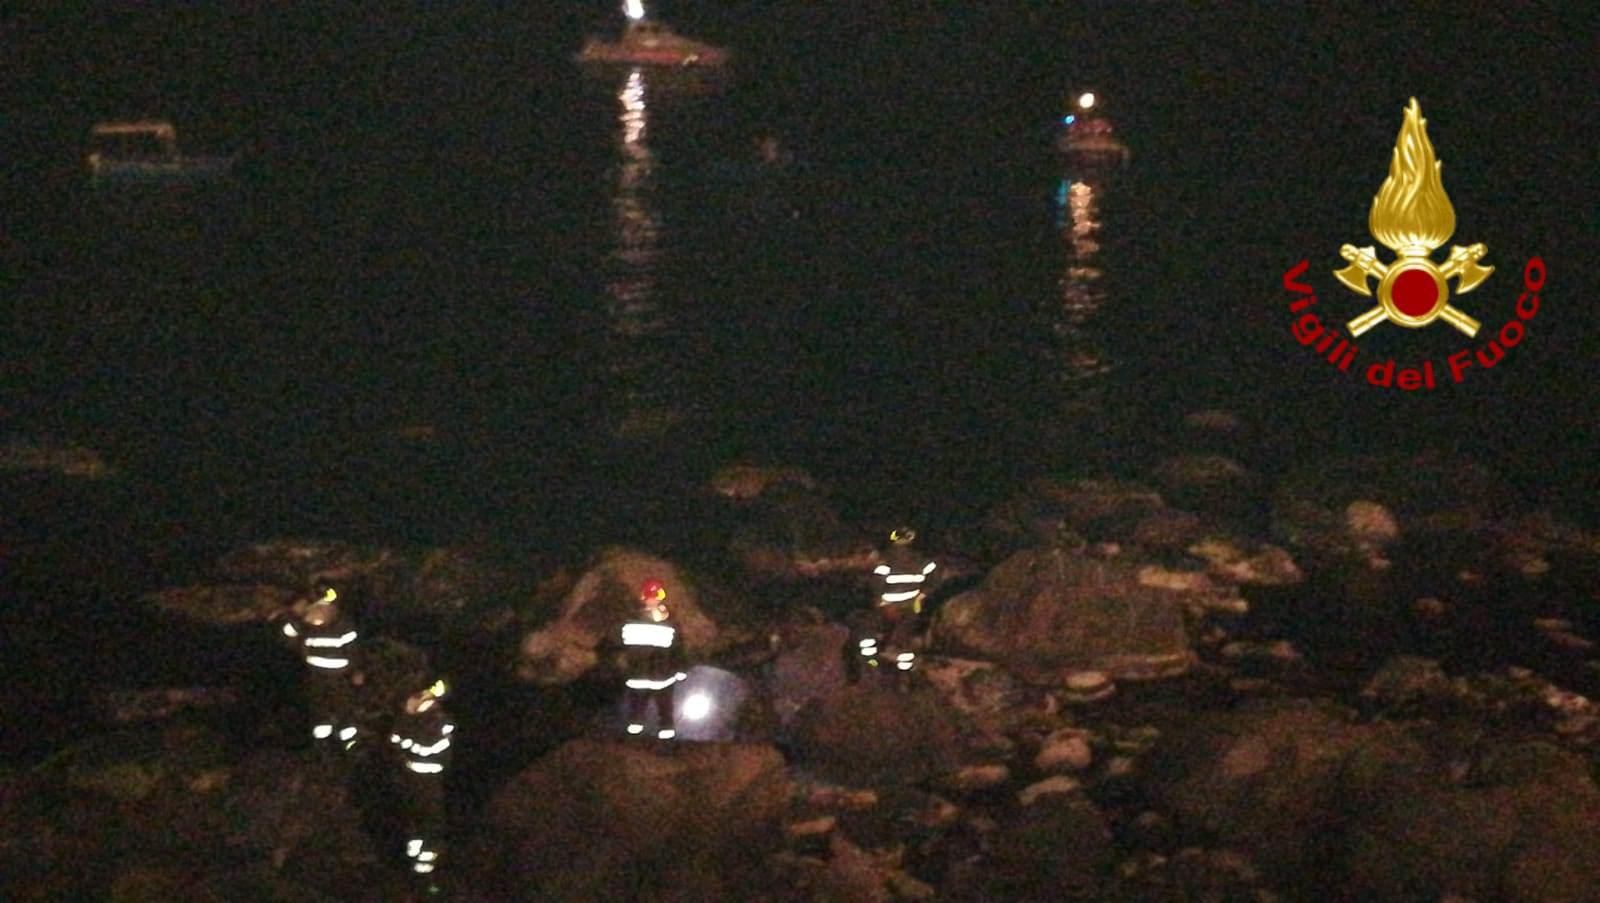 Arriva la conferma, il corpo in mare è quello di Enrico – FOTO